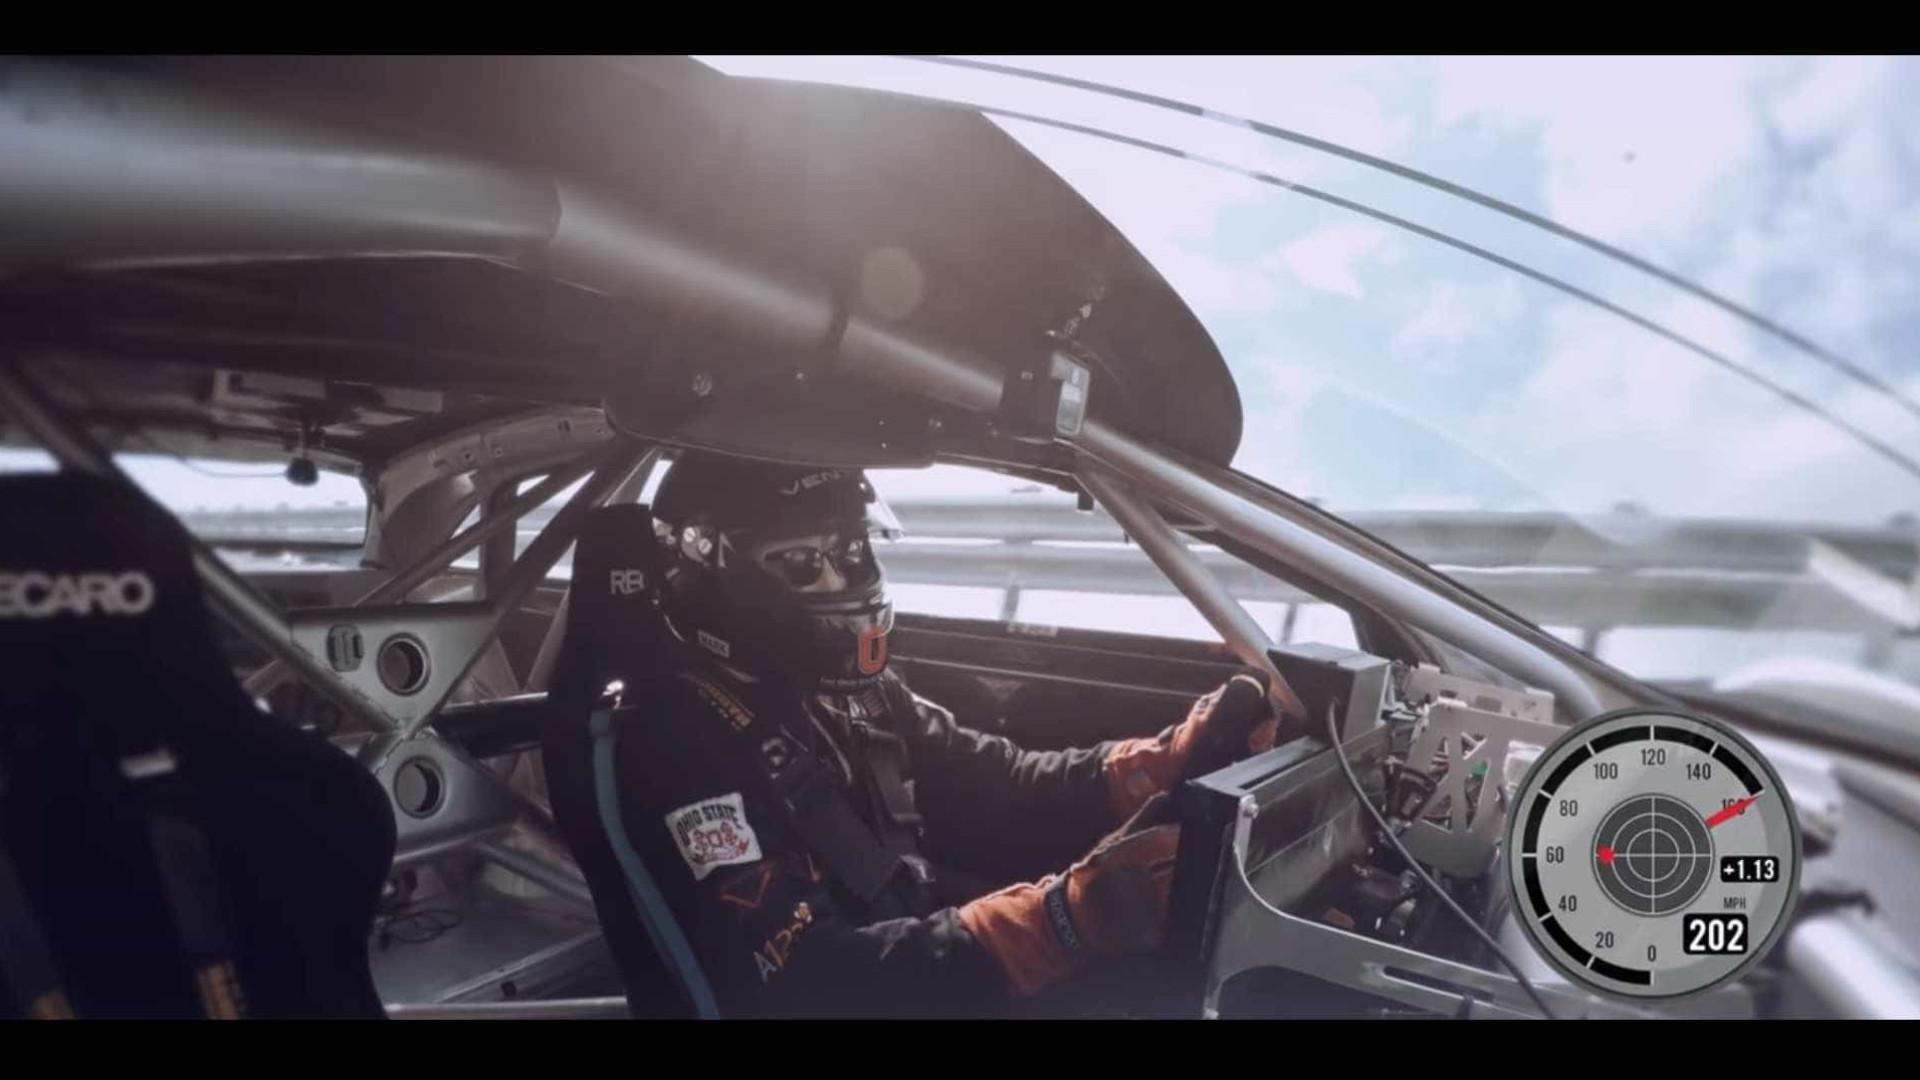 Novo rival da Tesla atinge mais de 370km/h de velocidade em novo vídeo